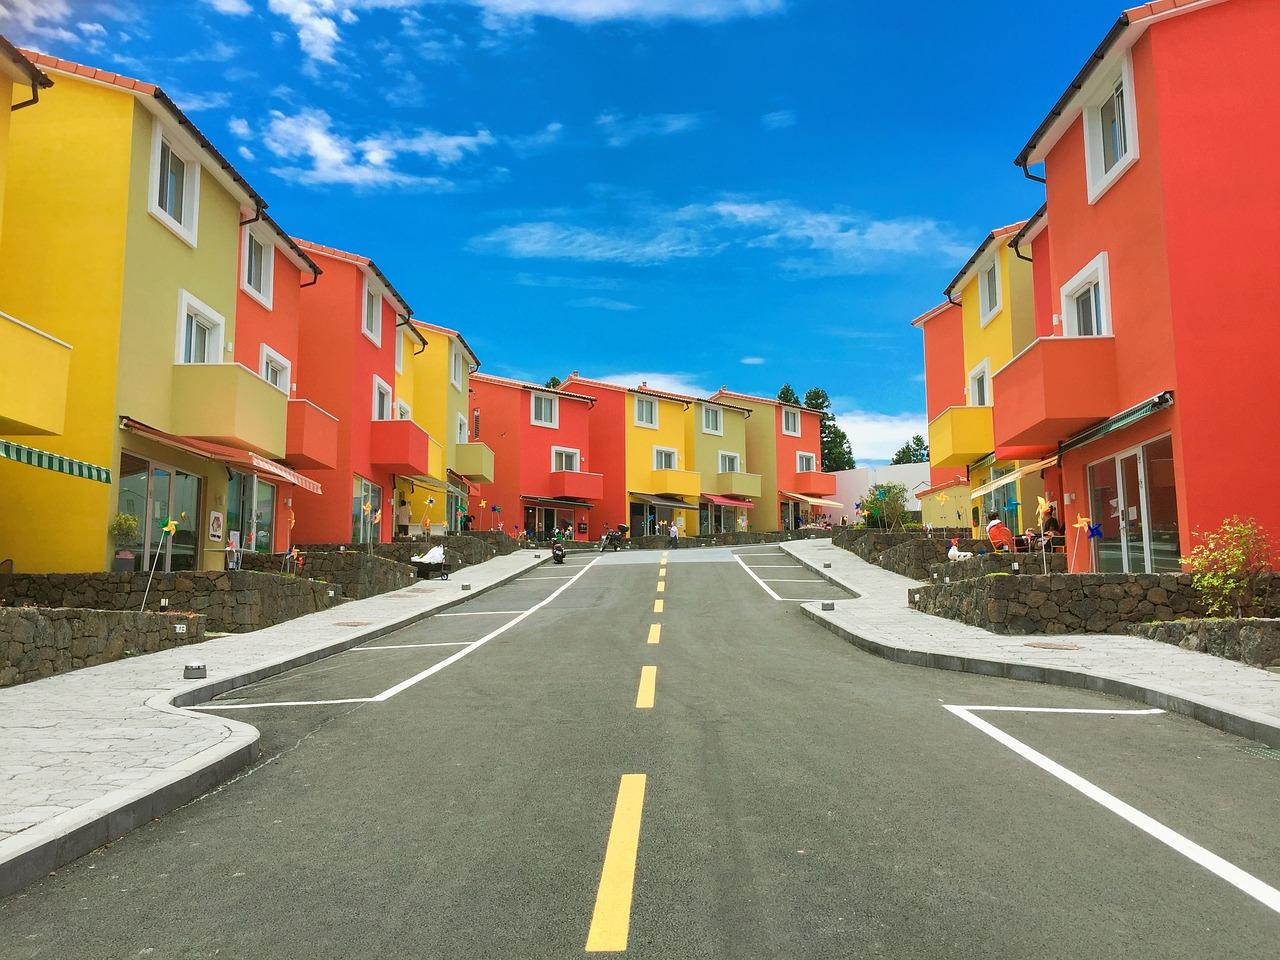 Zadania firm budujących domy pod klucz – Kompleksowa budowa domów Trójmiasto